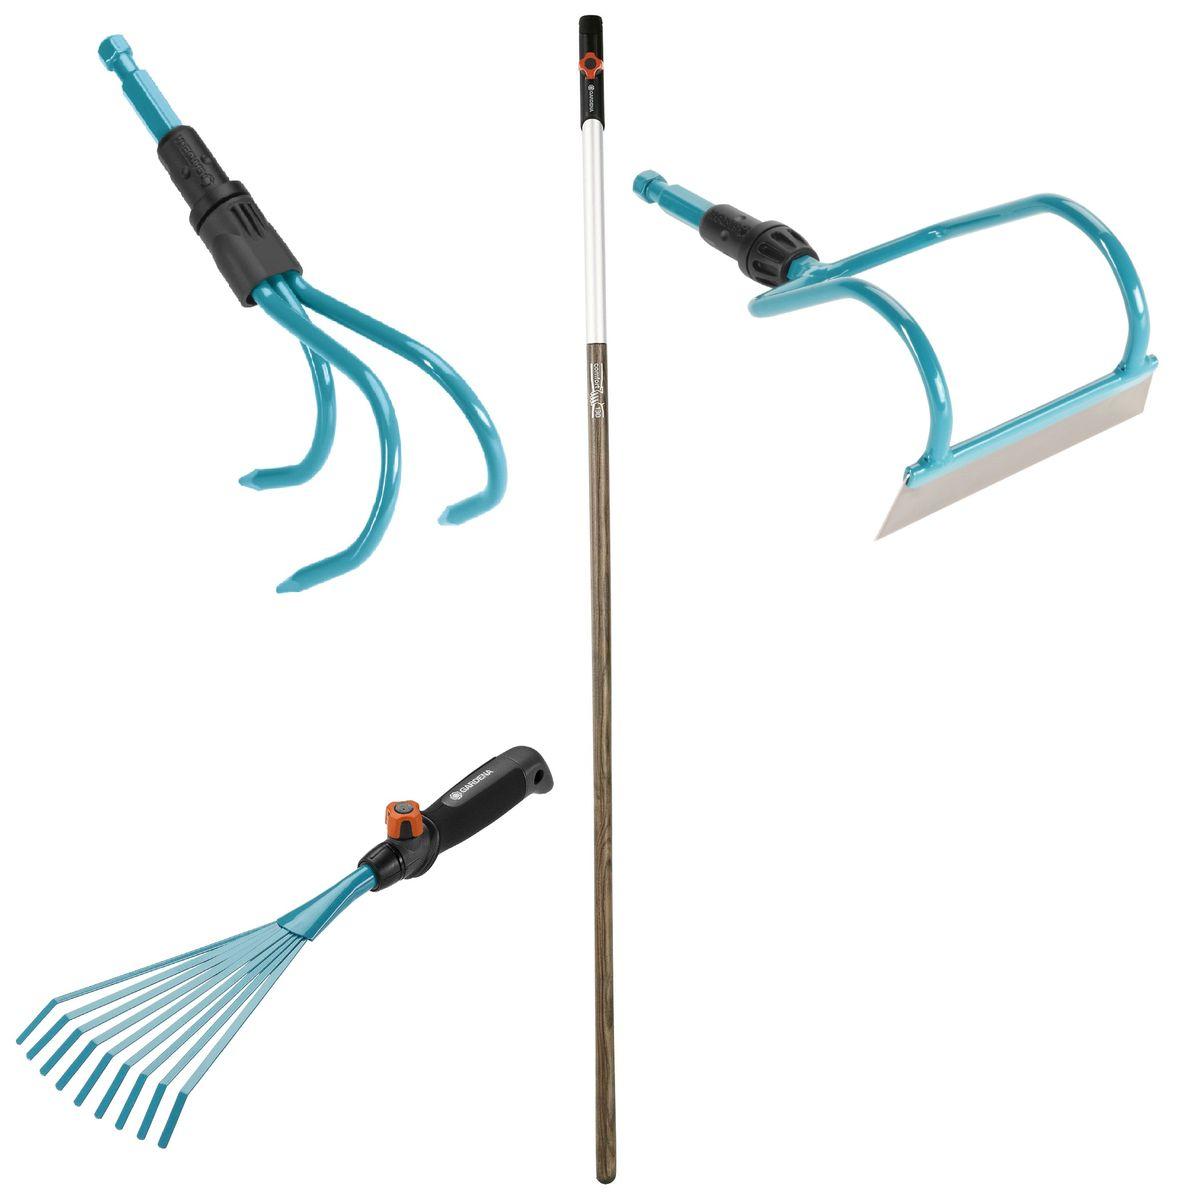 Набор садовых инструментов Gardena, 4 предмета07757-20.000.00Набор садовых инструментов Gardena состоит из грабель, мотыги-волокуши, рыхлителя и рукоятки.Грабли Gardena, выполненные из высококачественной стали с покрытием из дюропласта, представляют собой идеальный инструмент для сбора листьев, сорняков и скошенной травы. Ручка специальной формы удобно лежит в руке, облегчая работу. Практичность: ручка легко снимается и может быть заменена на любую другую ручку комбисистемы, которая будет подходить пользователю по росту и избавлять от необходимости нагибаться. Рабочая ширина: 12 см. Мотыга-волокуша Gardena - инструмент для садовых работ. Благодаря изогнутой форме лезвие входит в землю под углом - происходит более тщательное рыхление и разбивание почвы. Лезвие выполнено из нержавеющей стали, корпус - из стали, покрытой дюропластом. Используемые материалы не подвержены коррозии. Рабочая ширина: 12 см. Рыхлитель Gardena предназначен для рыхления и аэрации почвы. Он прекрасно подойдёт для каменистых почв и близко посаженных растений. Изделие имеет 3 прочных зубца. Рабочая ширина изделия: 9 см.Ручка Gardena идеально подходит к любому ручному инструменту по уходу за садом Gardena. Просто и надежно крепится с помощью стопорного винта, снабженного защитой от выпадения. Трубка из анодированного алюминия с пластиковым покрытием на конце ручки защищает от влаги. Зауженная форма обеспечивает удобный захват. Ручка изготовлена из высококачественной и упругой древесины ясеня, которая обладает свойством гасить вибрации и поэтому делает работу приятной и комфортной. Небольшой вес заботится о здоровье, снижая нагрузку на опорно-двигательный аппарат. Длина ручки: 130 см.